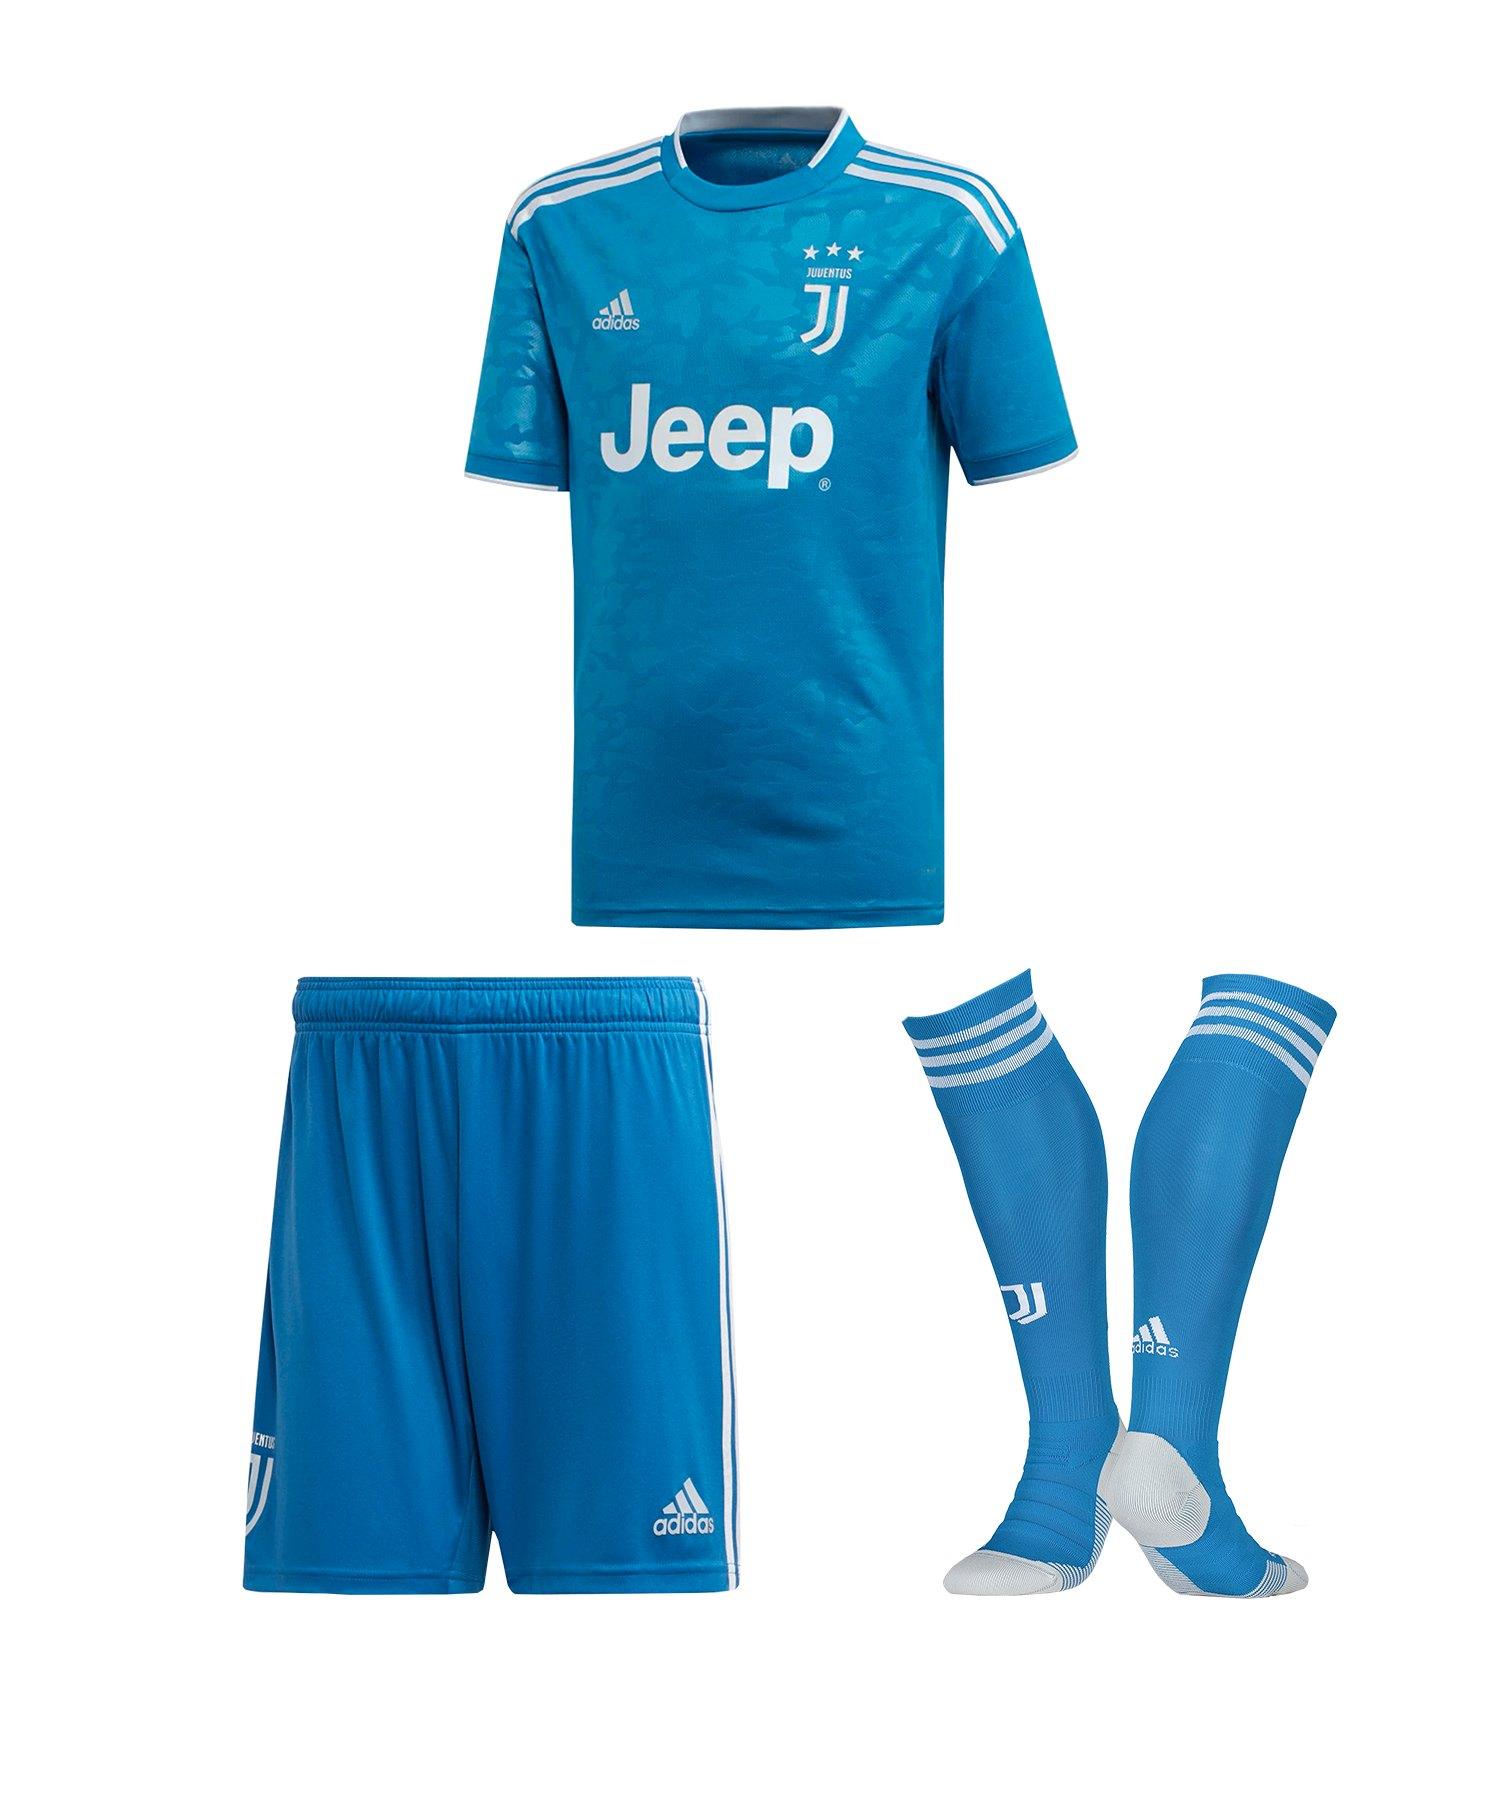 adidas Juventus Turin Trikotset UCL 20192020 Kids Blau